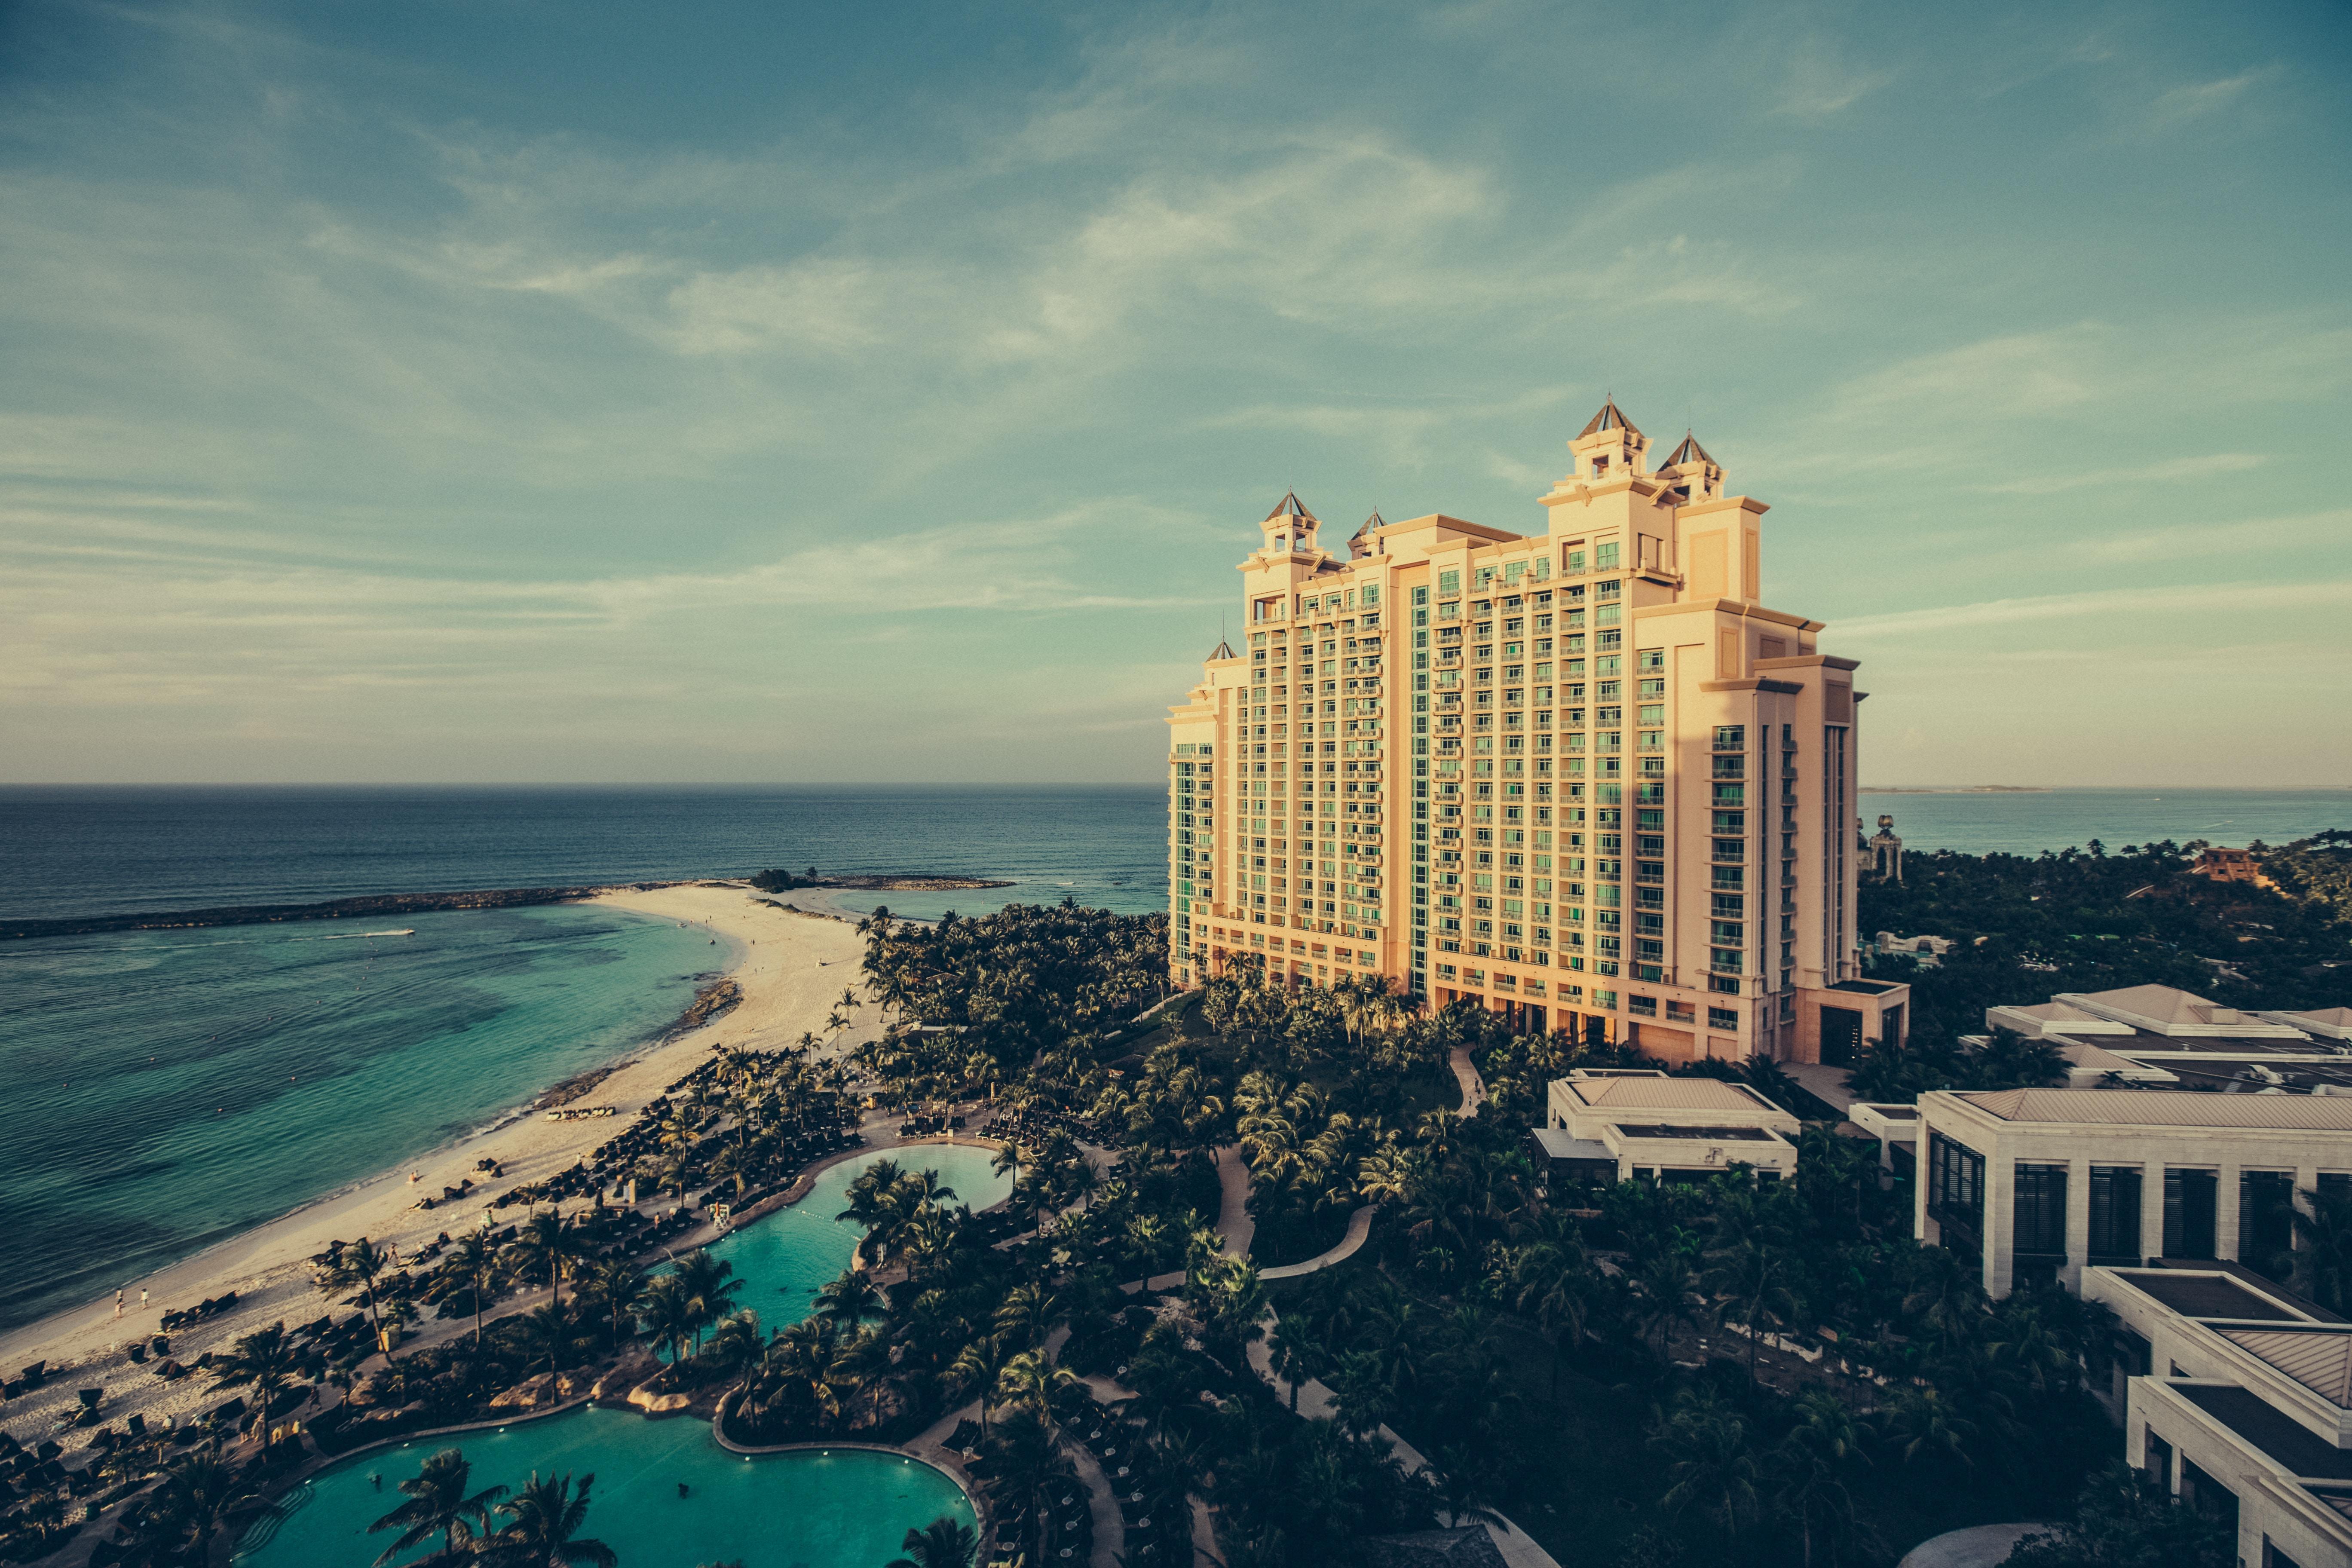 Um Marketingbotschaften auf ihren Social Media-Seiten erfolgreich verbreiten zu können, müssen Hotels die Kunden an ihre Seite binden.